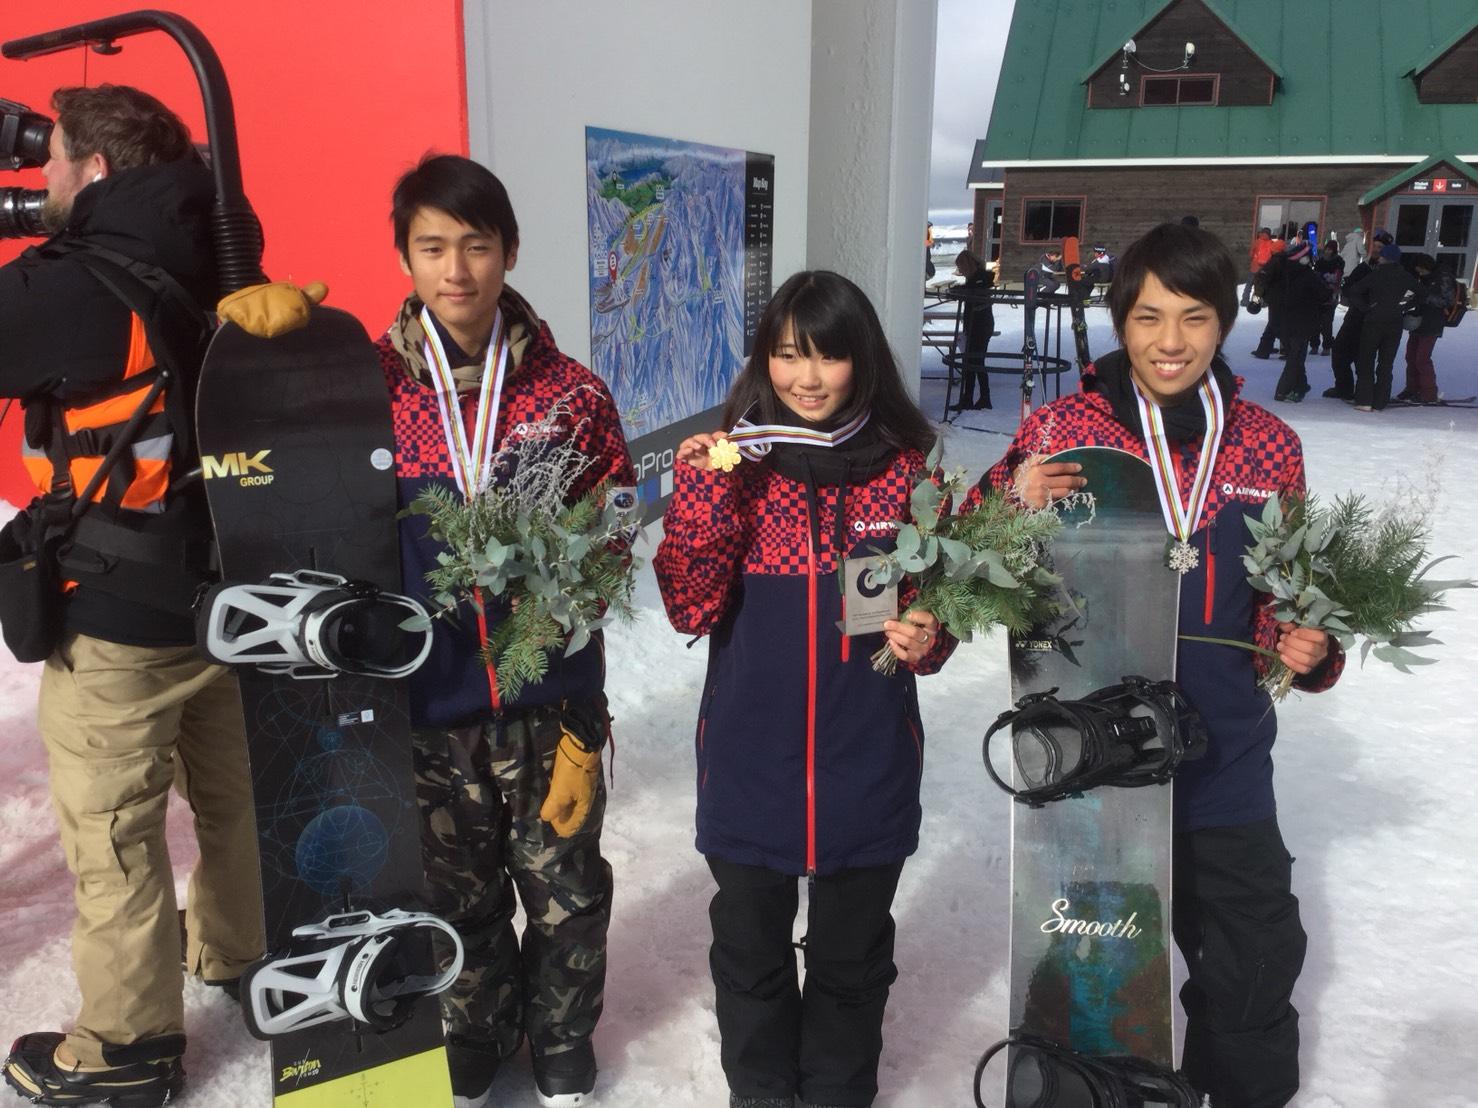 ㈯1位小野光希 選手2位平野流佳選手 3位平野海祝選手 表彰台に上がった3選手